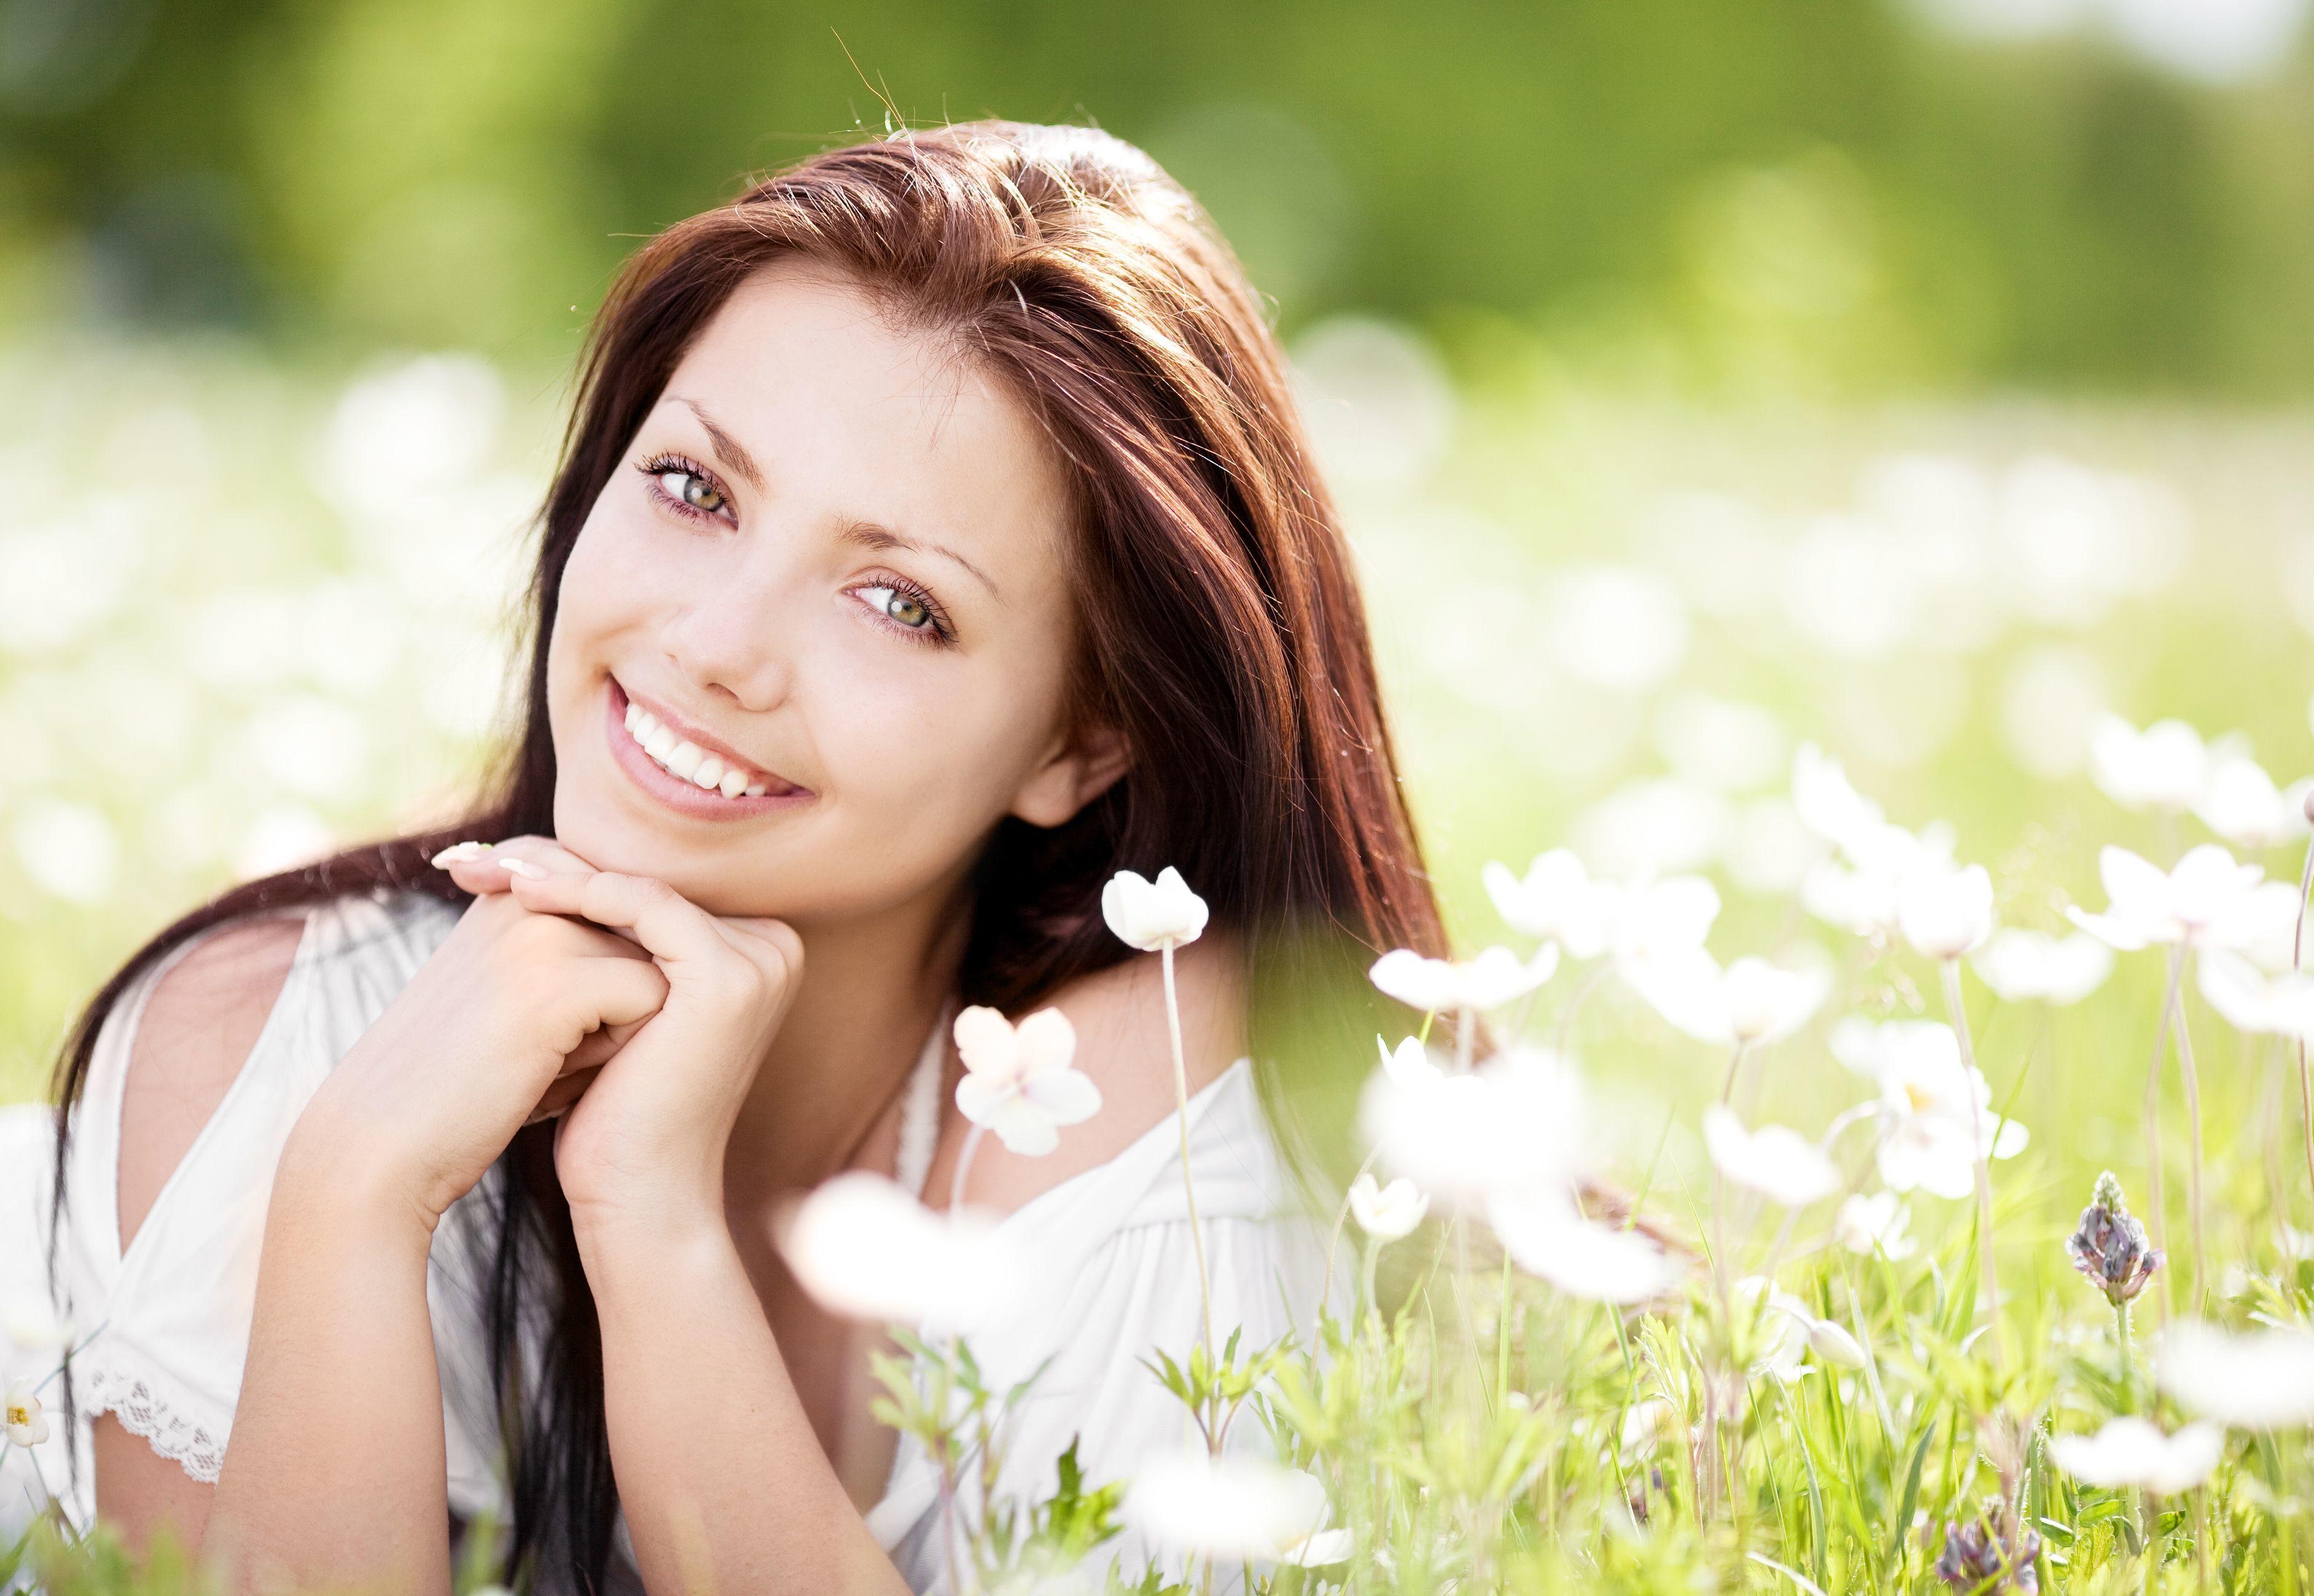 Фото улыбки на фоне природы девушки, видео запихнуть игрушку в жопу